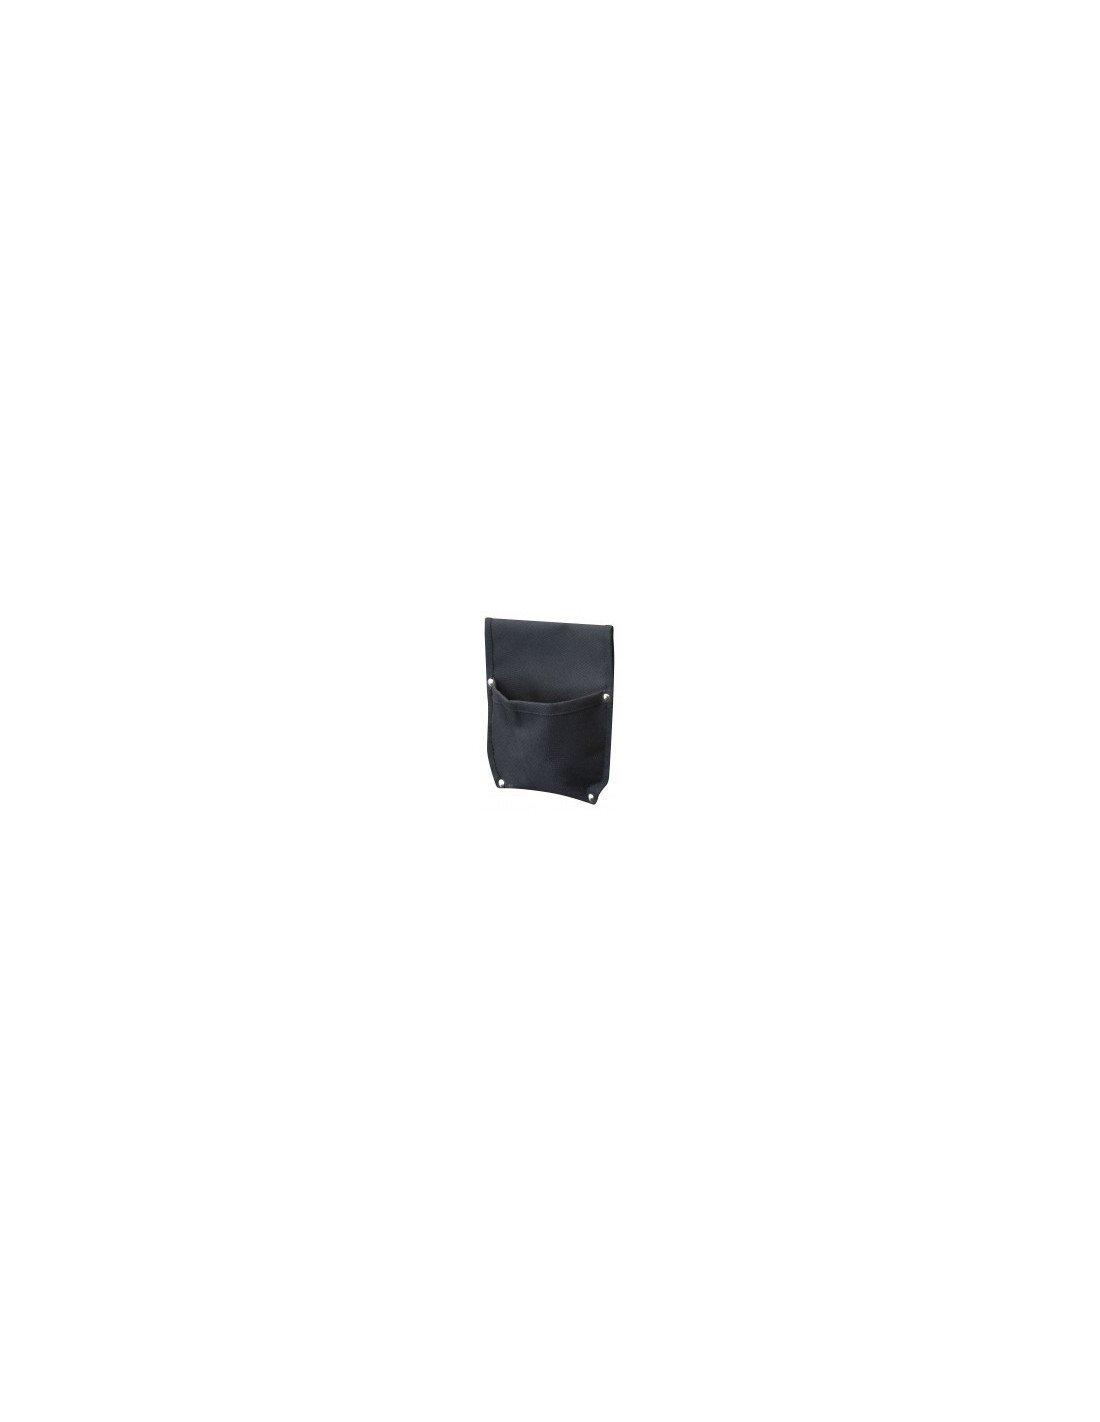 Porte-Outils Outifrance 2625200 Poche /à Clous Noir